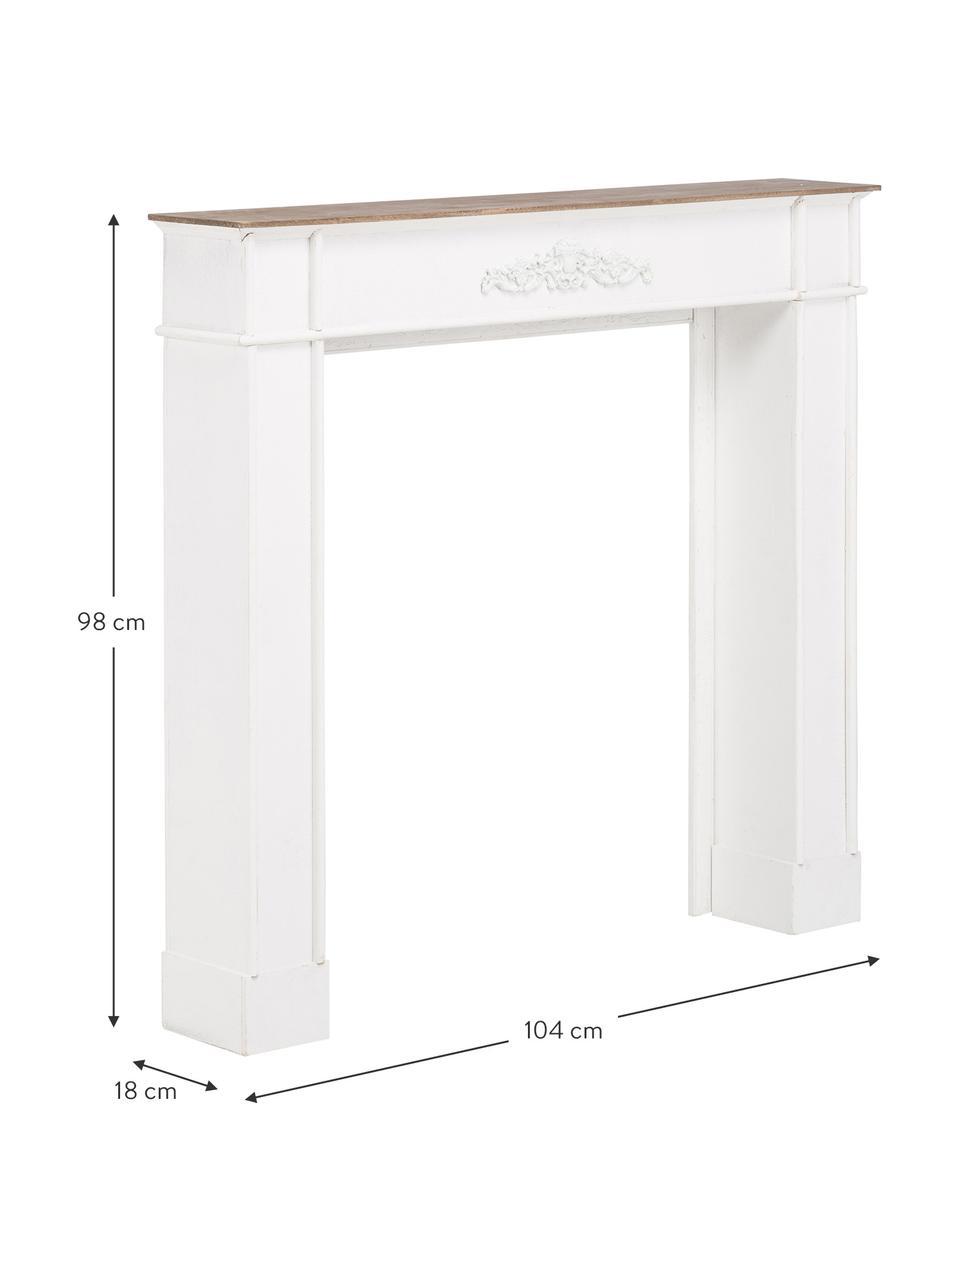 Portal kominkowy Fabienne, Płyta pilśniowa średniej gęstości, drewno paulownia, lakierowane, Biały, S 104 x G 18 cm